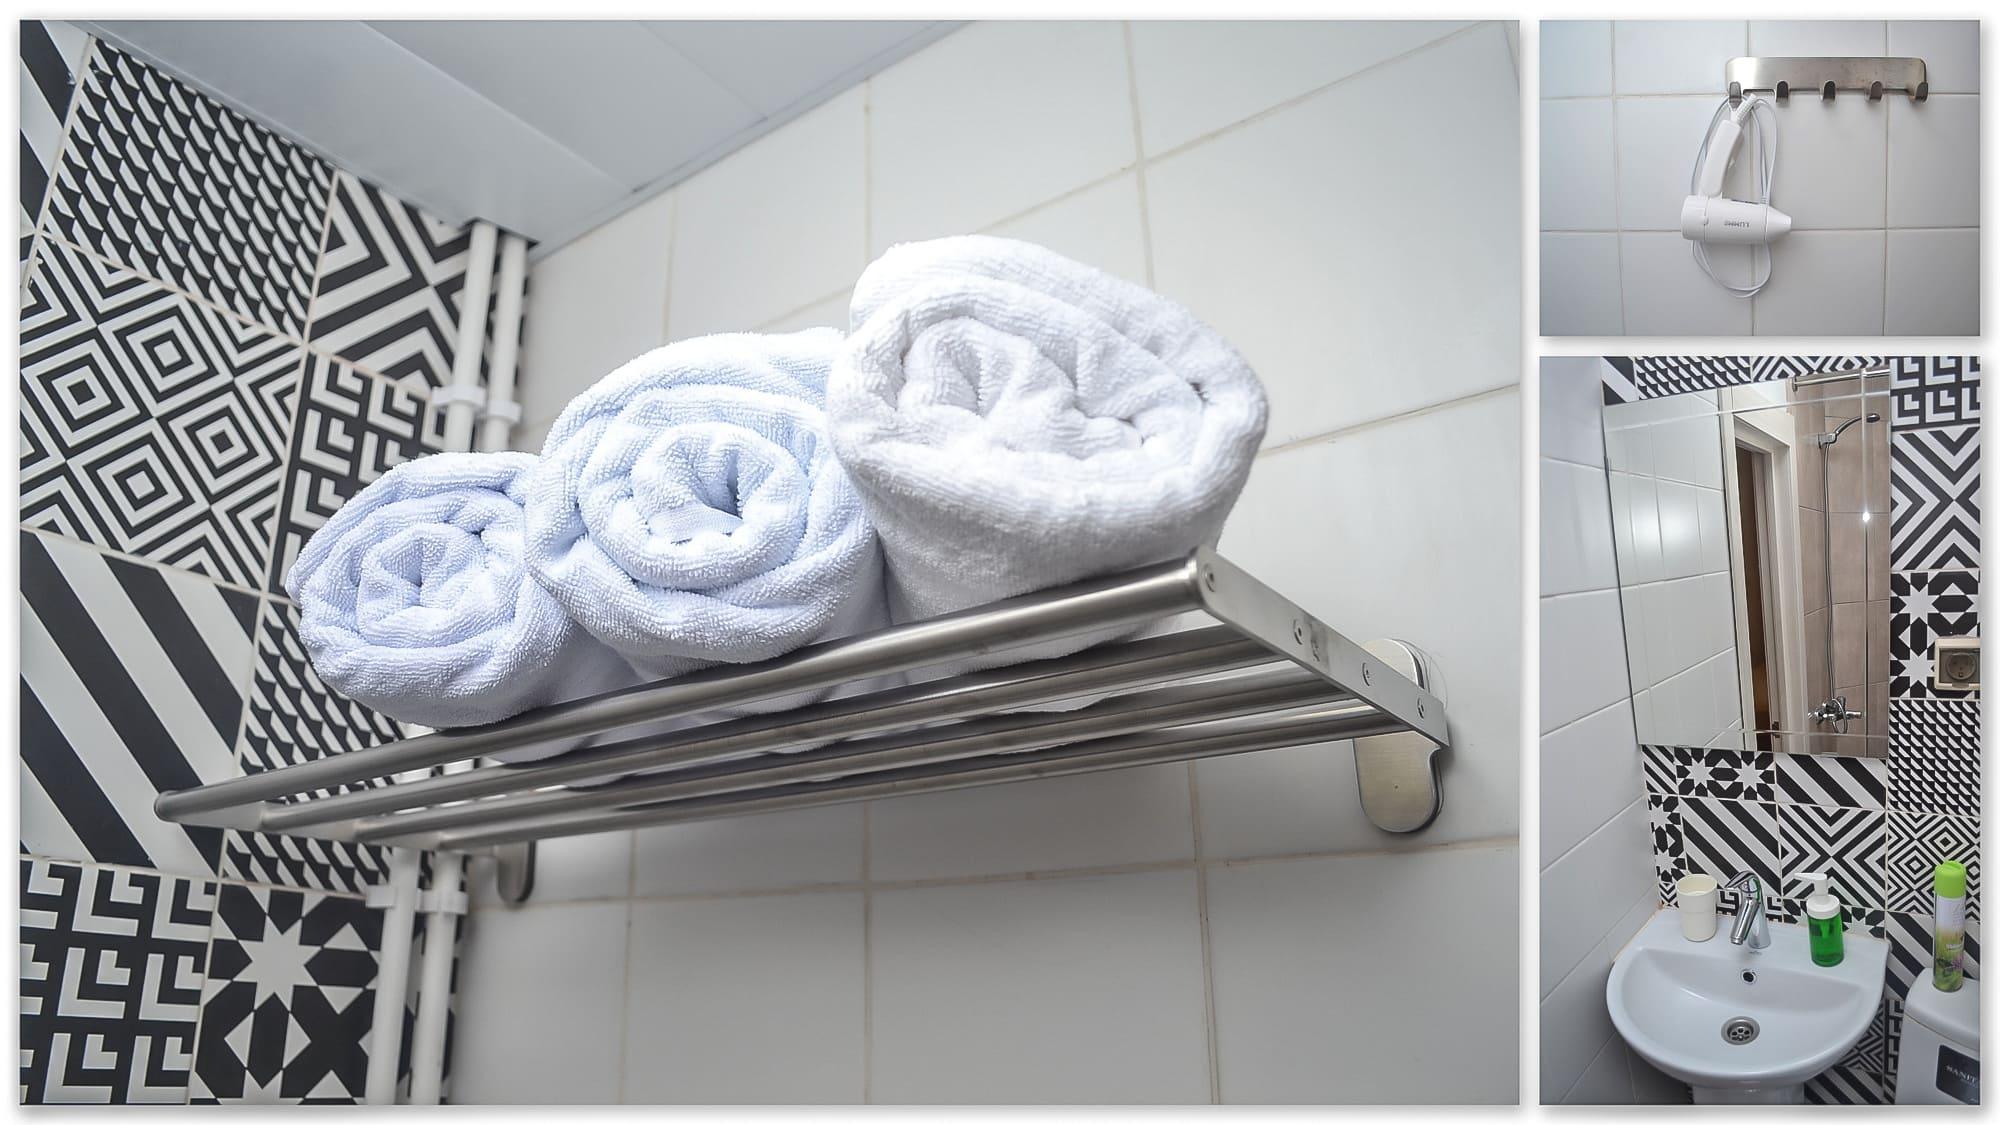 Фотографии санузла, находящегося в каждом номере, апарт-отеля VNorke.ru